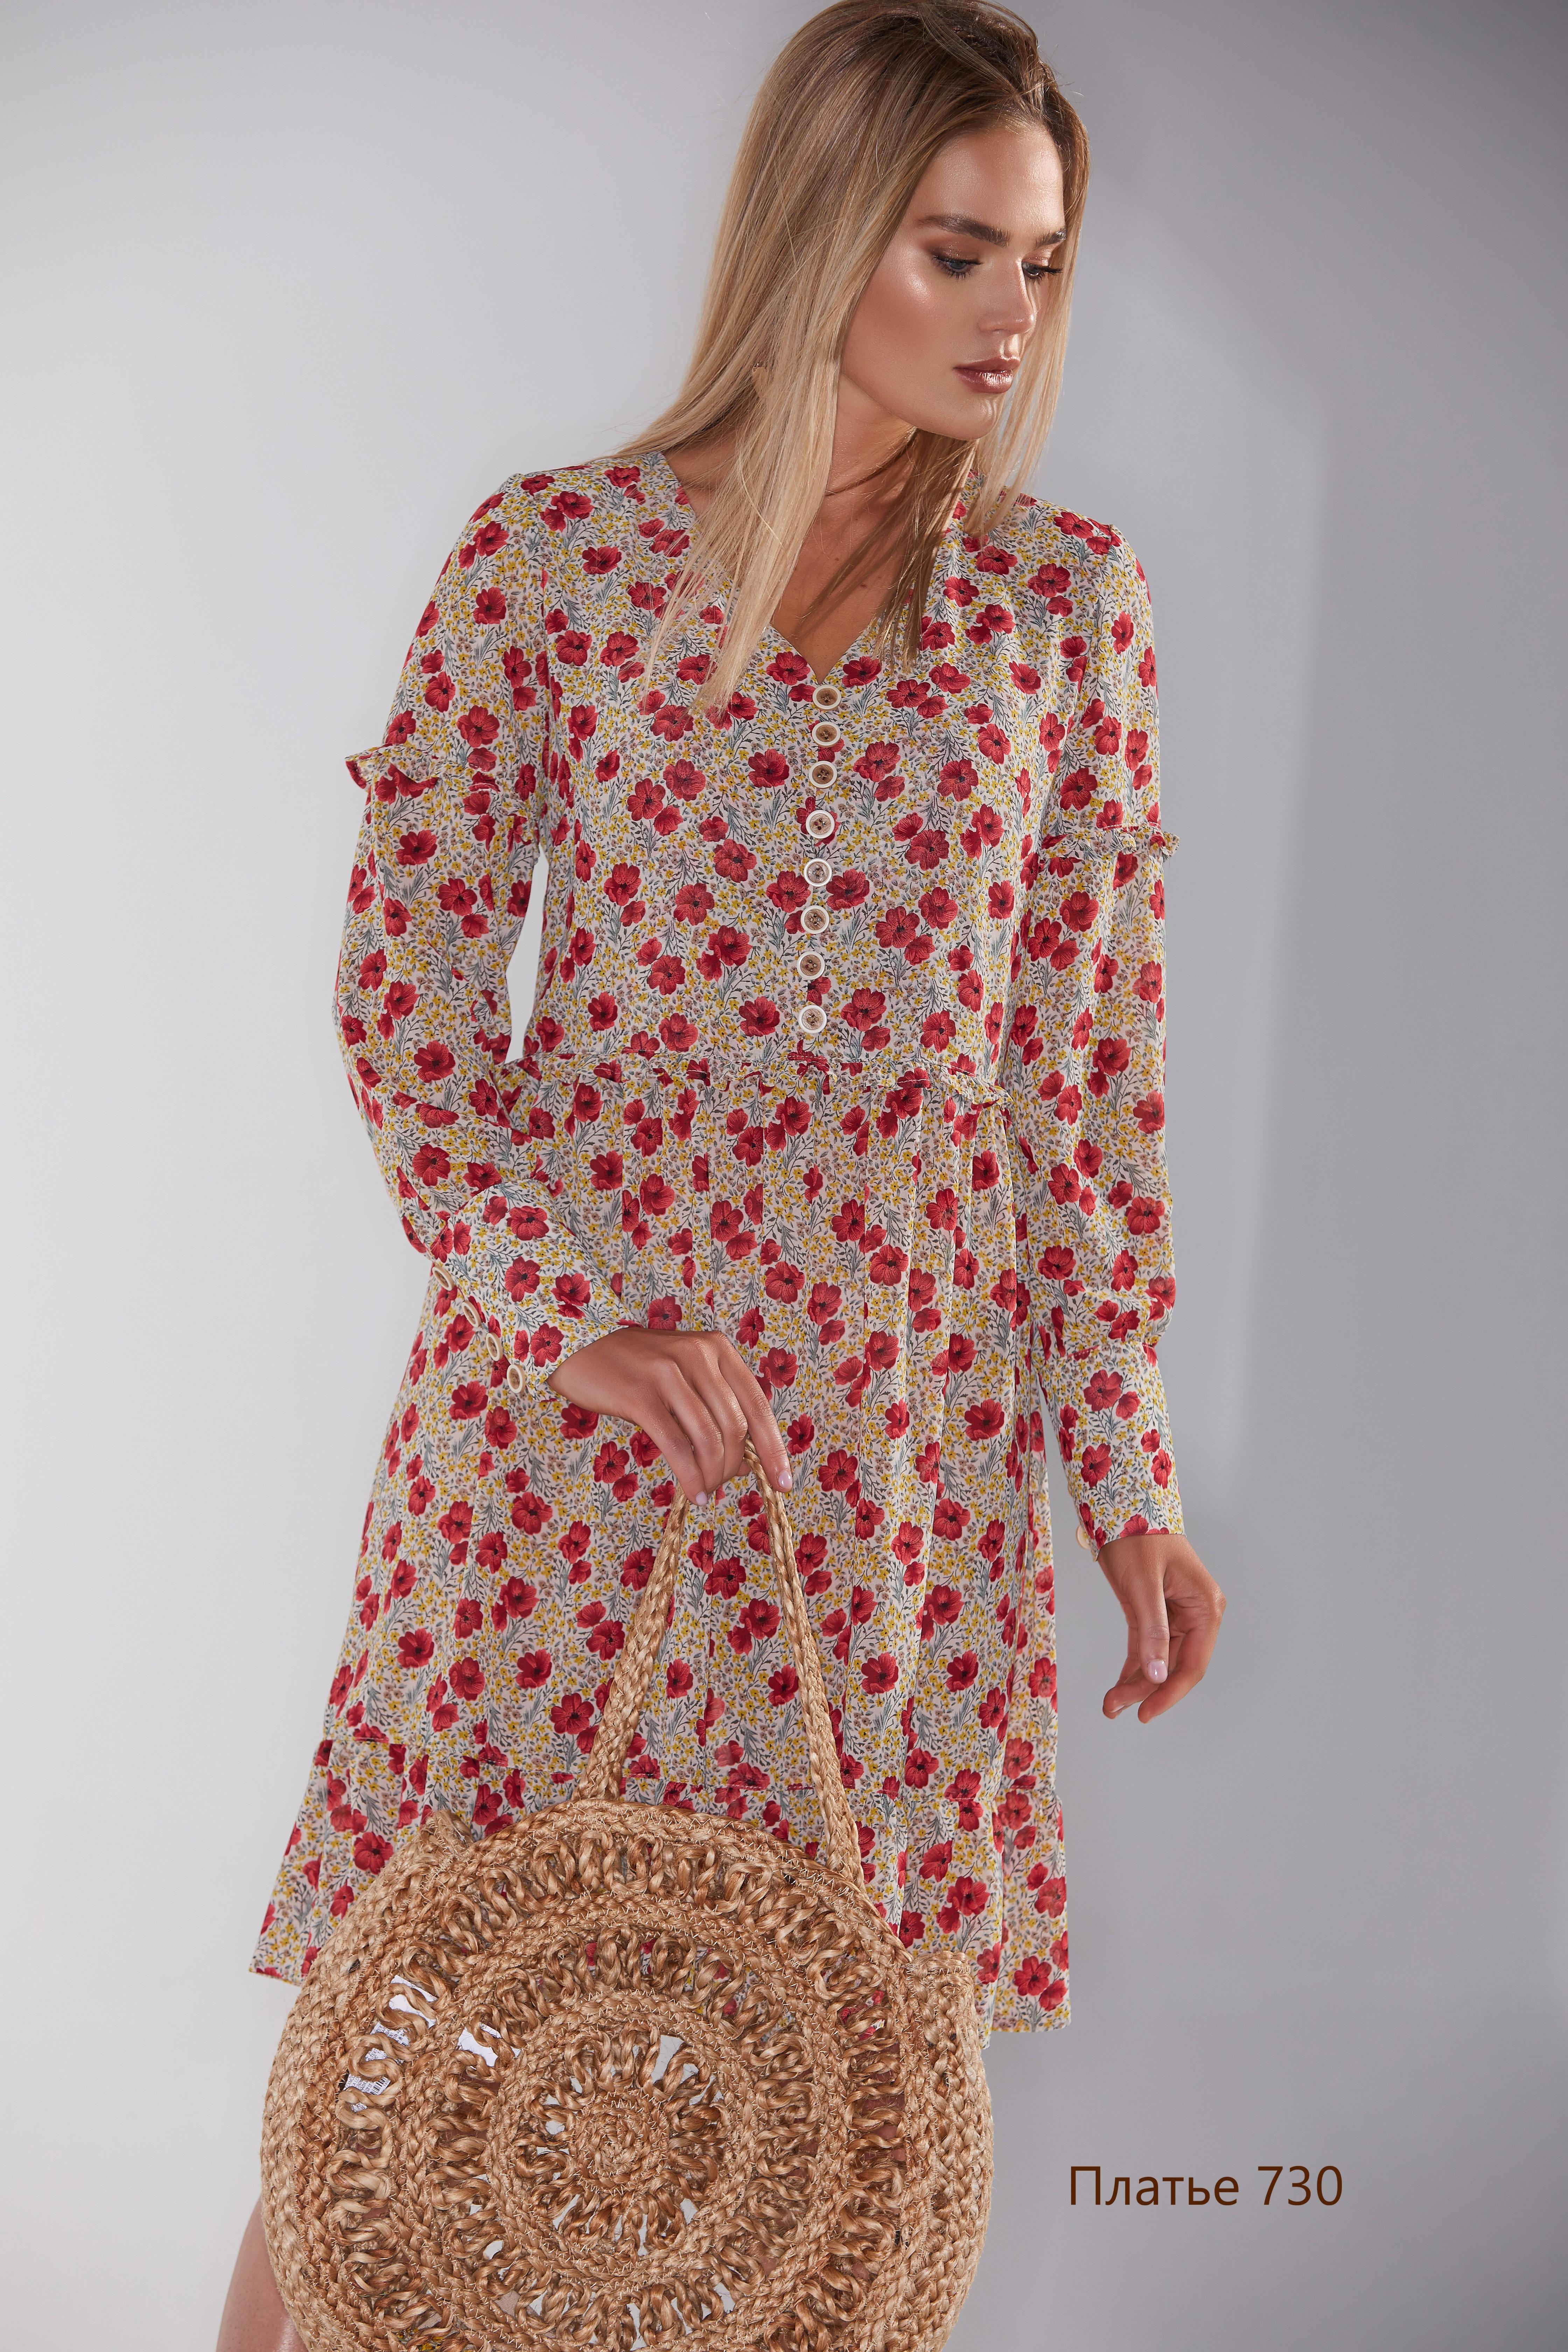 Платье 730 (1)